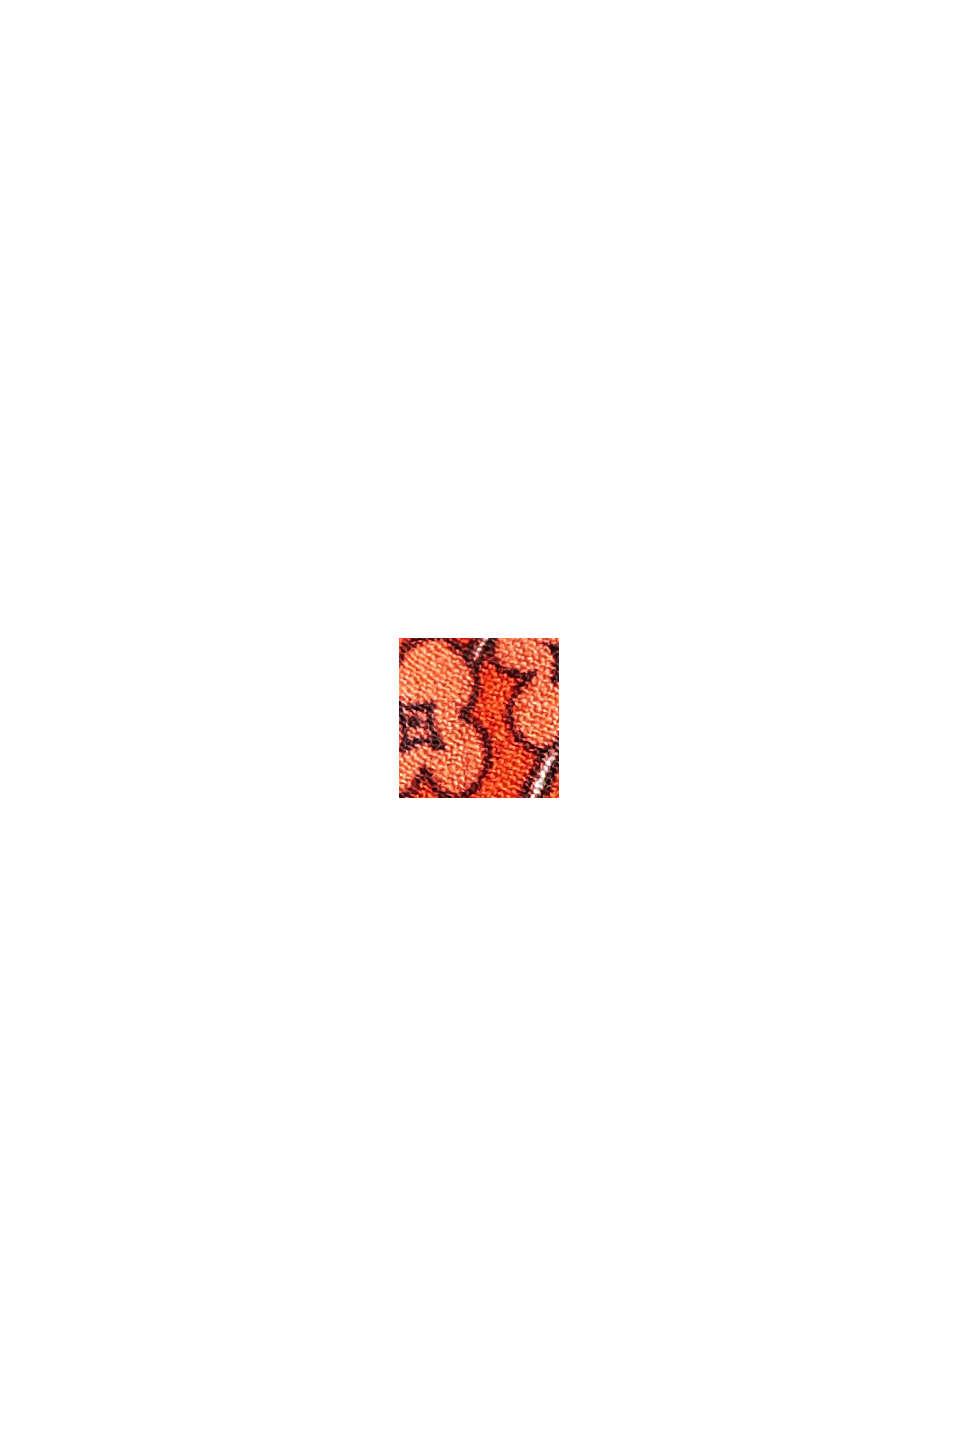 Robe longueur midi à imprimé, LENZING™ ECOVERO™, ORANGE RED, swatch